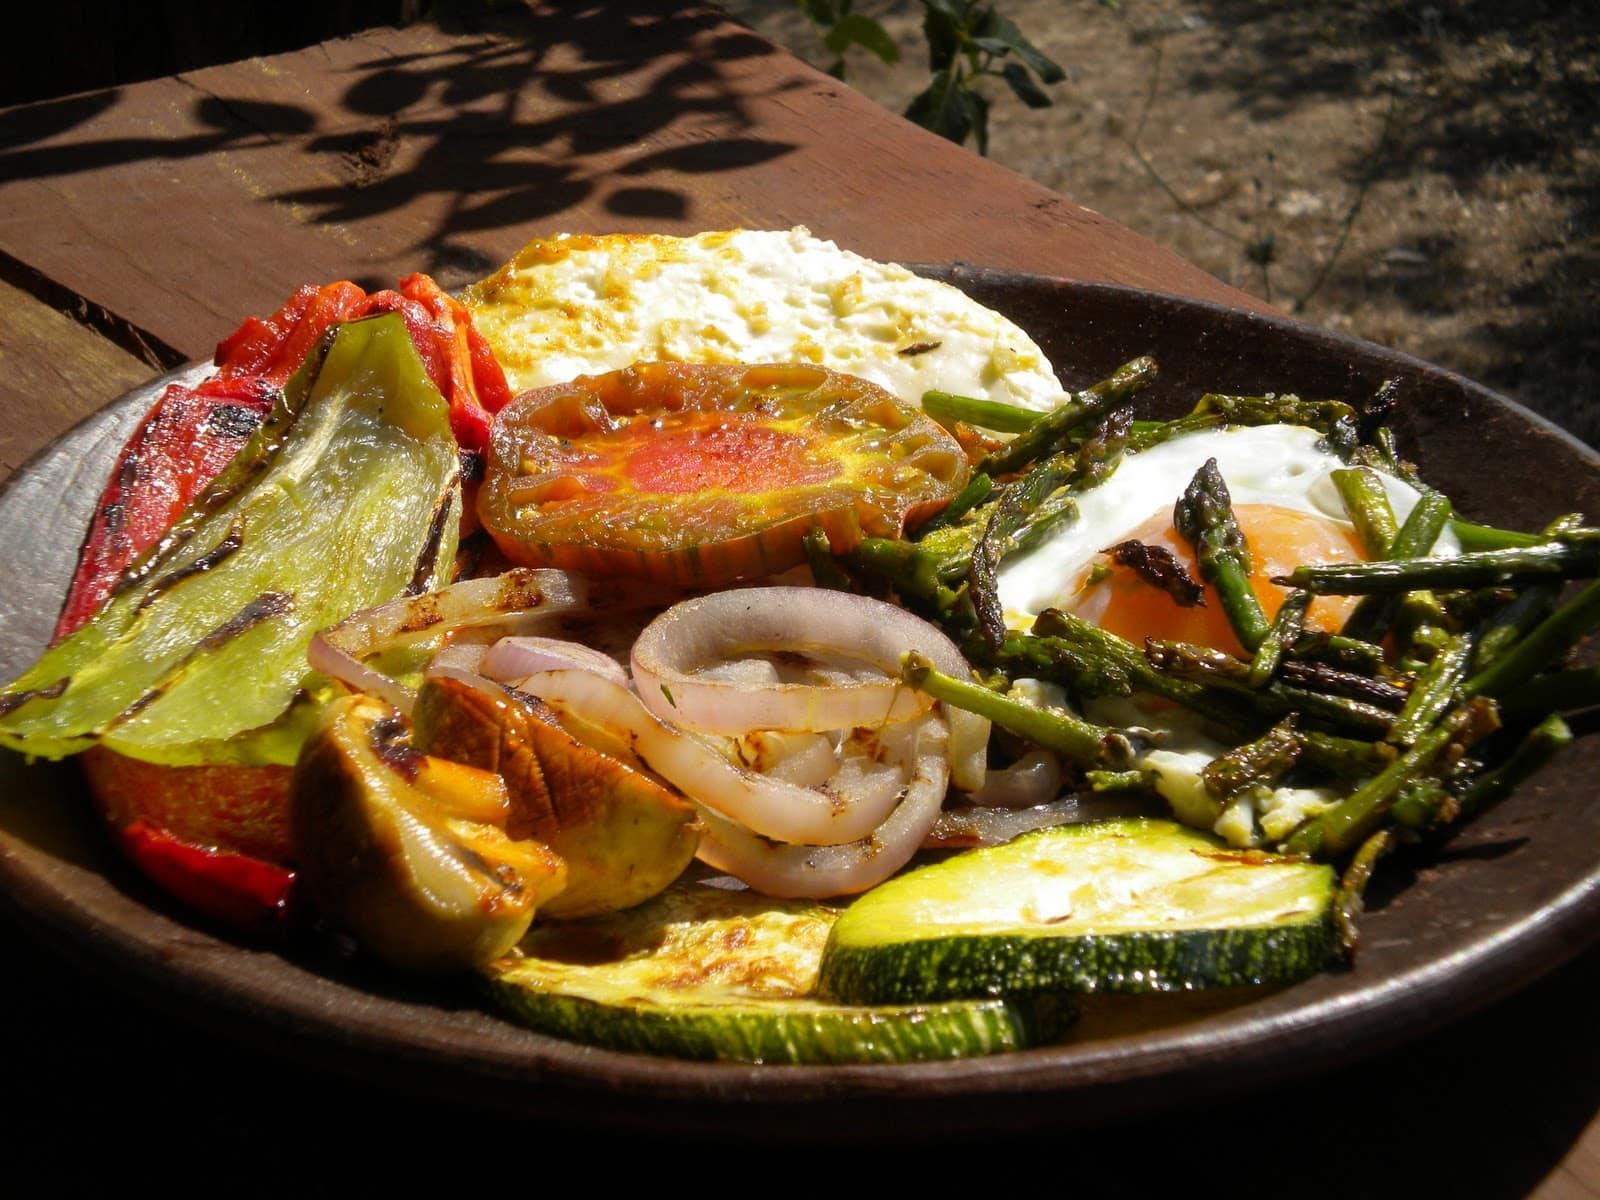 Cenas saludables parrillada de verduras asadas for Parrillada verduras